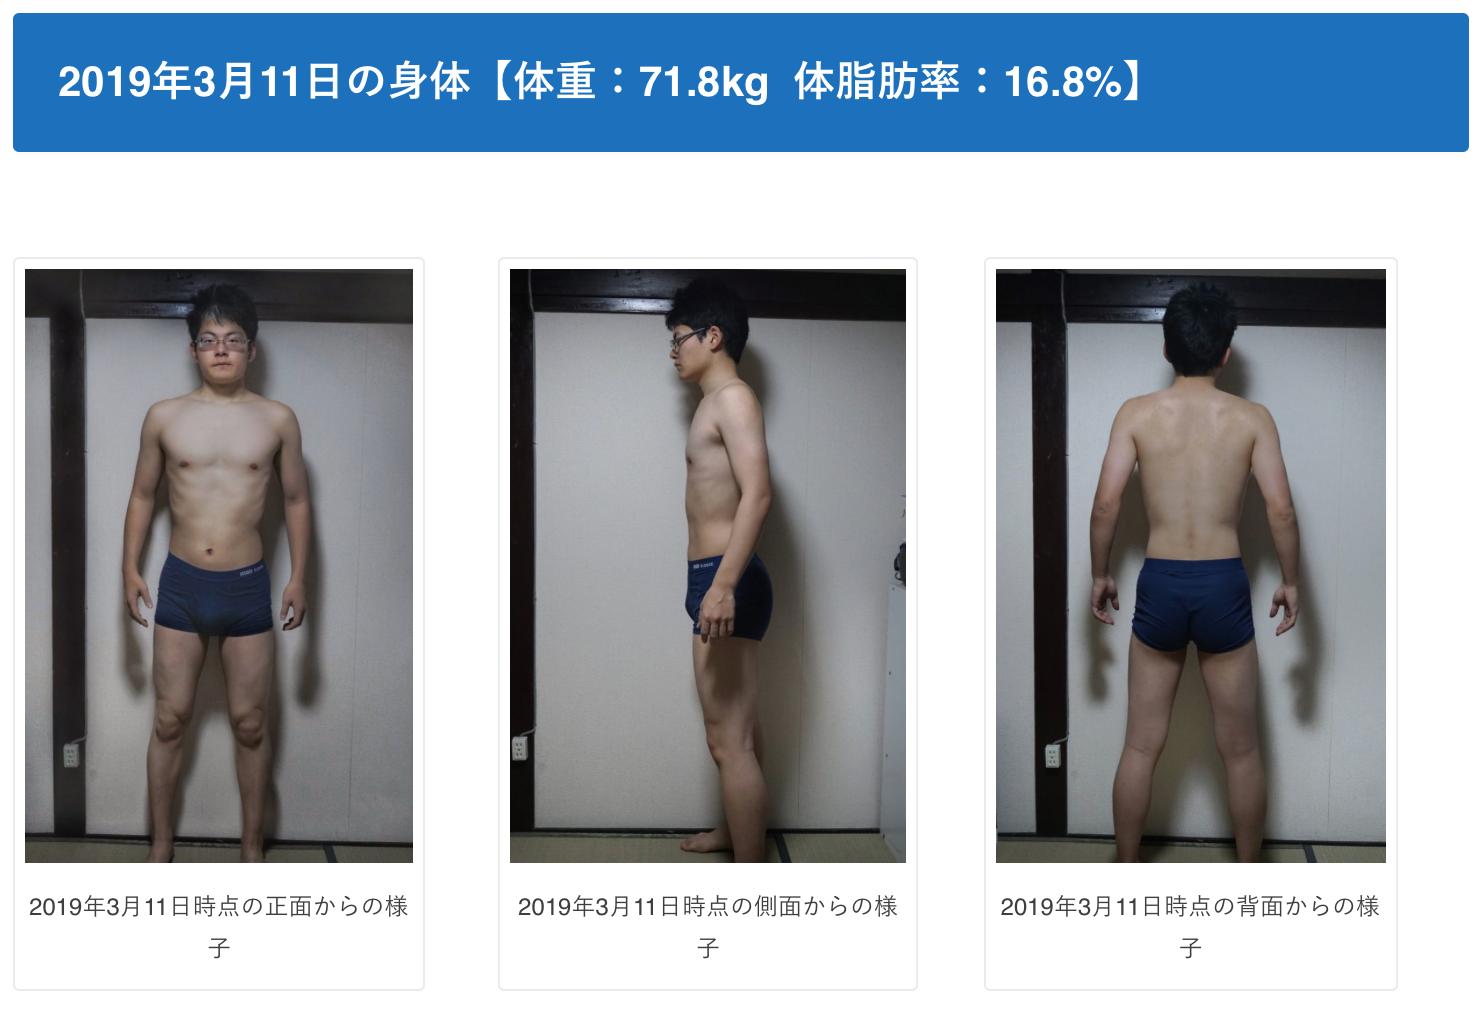 増量7ヶ月目!体脂肪率が15%を超えたので1ヶ月はプチ減量に挑戦します【第7話】